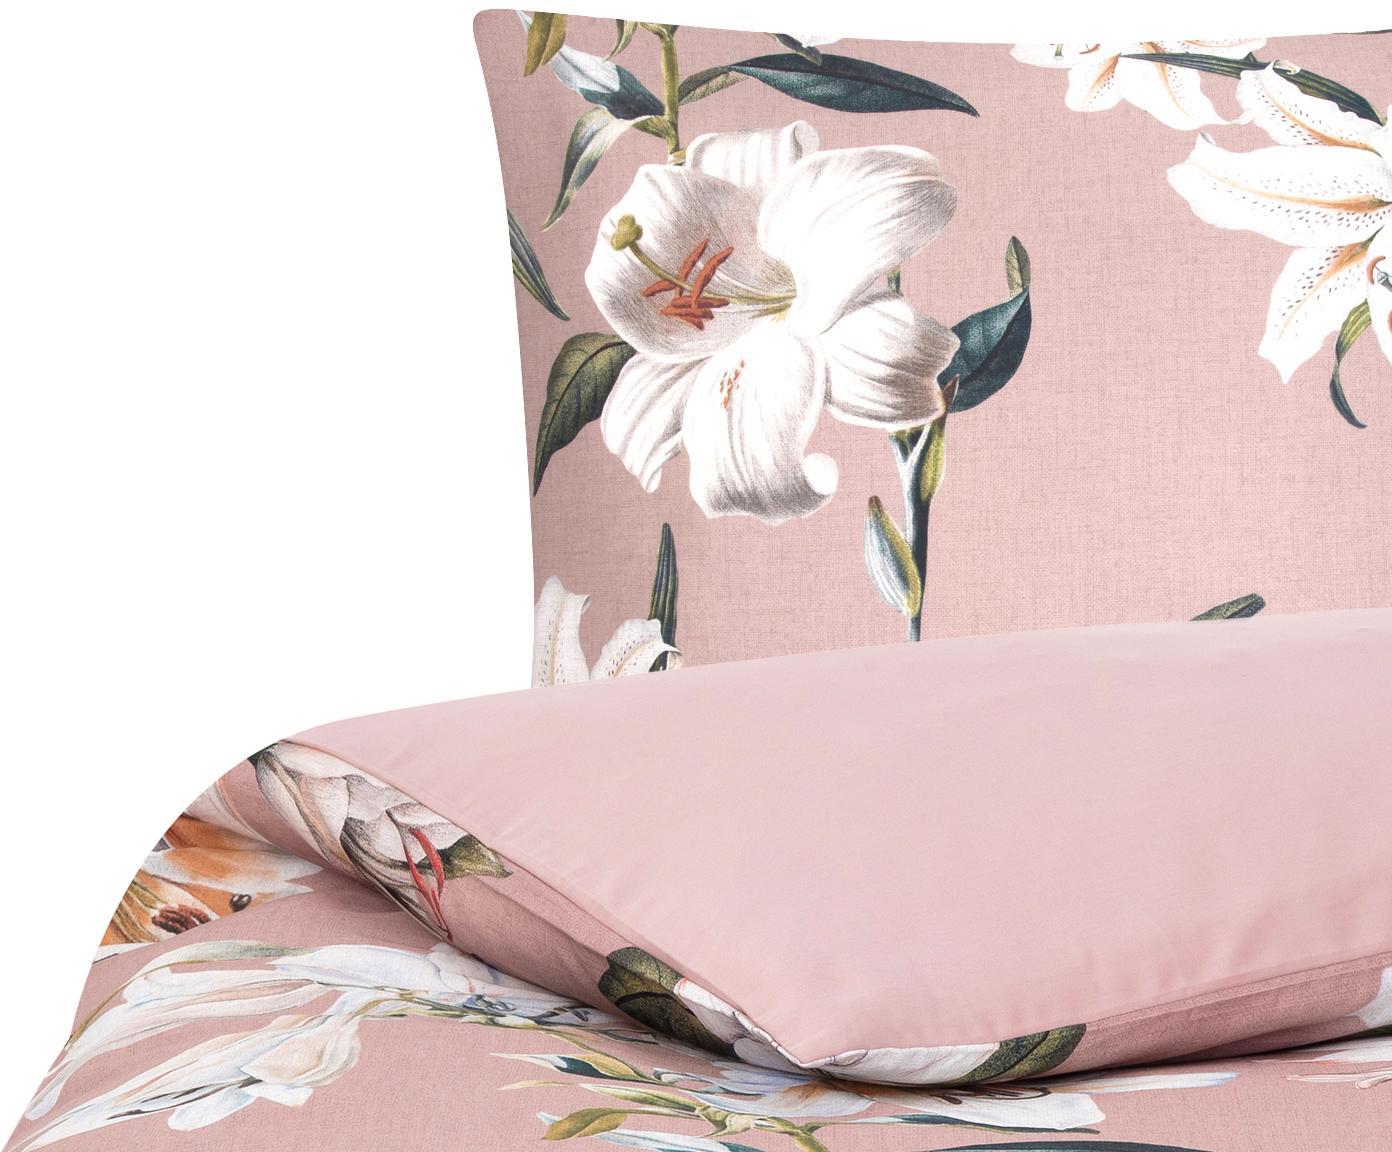 Baumwollsatin-Bettwäsche Flori mit Blumen-Print, Webart: Satin Fadendichte 210 TC,, Vorderseite: Altrosa, CremeweißRückseite: Alrosa, 155 x 220 cm + 1 Kissen 80 x 80 cm